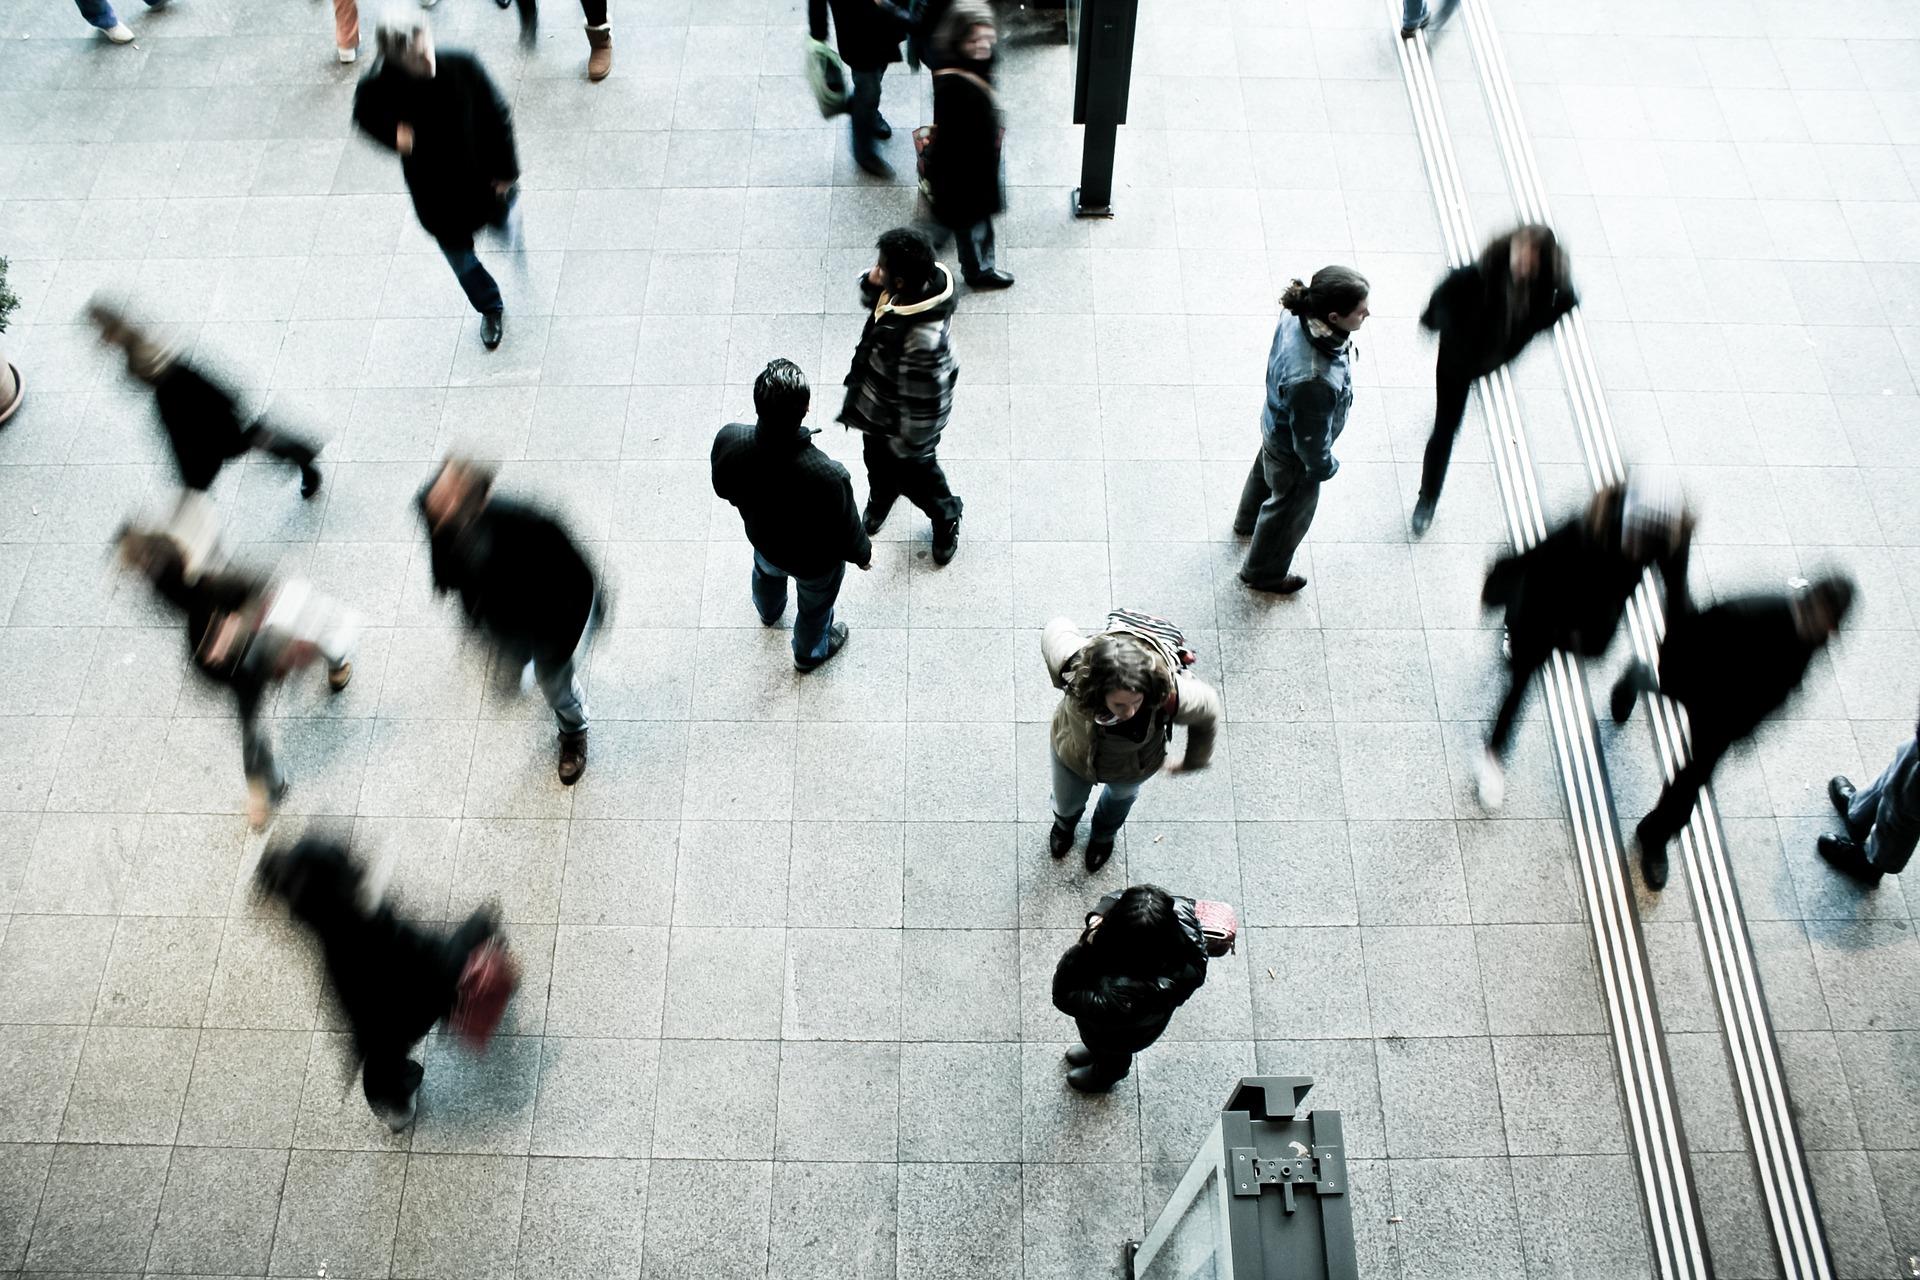 AGCM – Aggiornate le soglie di fatturato per la notifica preventiva delle operazioni di concentrazione.